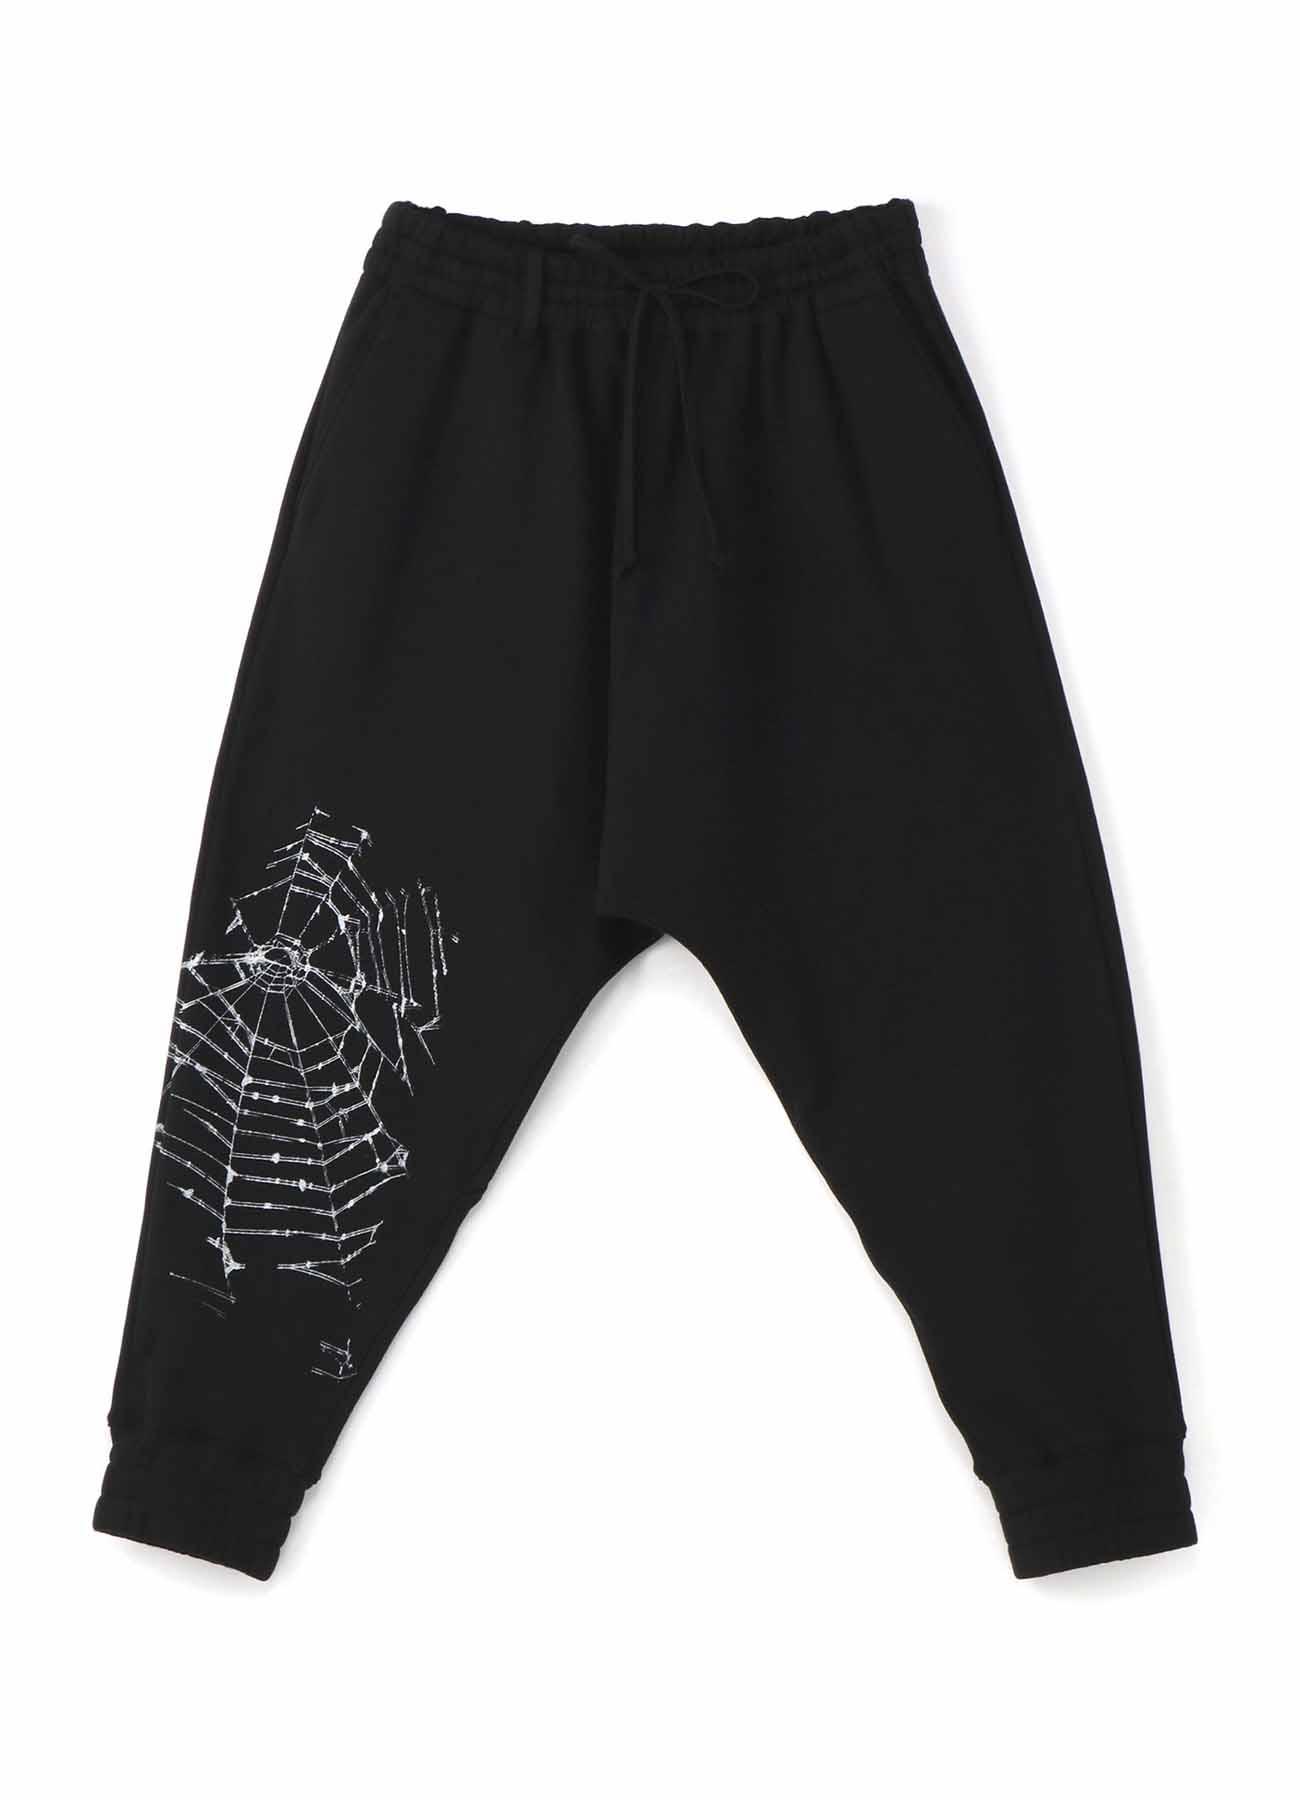 卫衣布缝线蜘蛛网螺纹裤